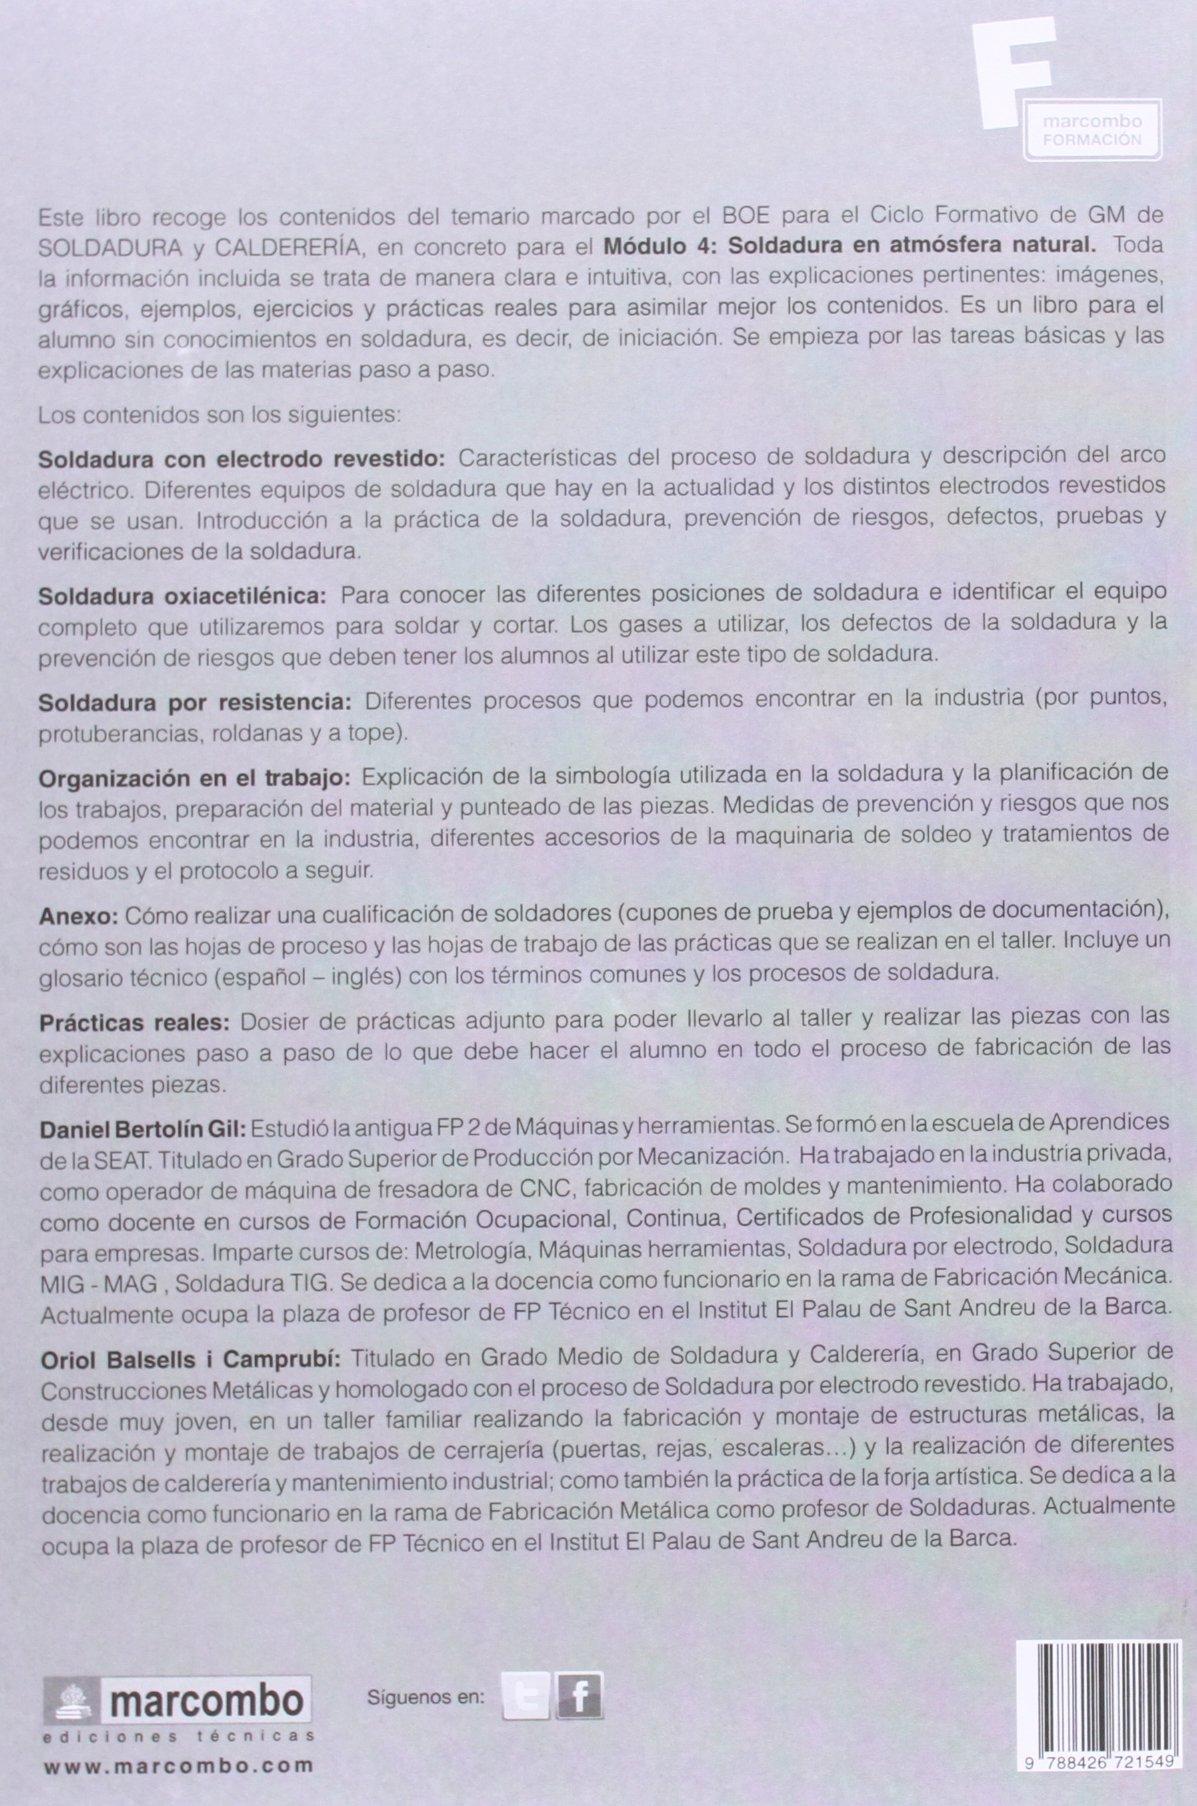 Soldadura en atmosfera natural (MARCOMBO FORMACIÓN): Amazon.es: DANIEL BERTOLIN GIL, ORIOL BALSELLS I CAMPRUBÍ: Libros